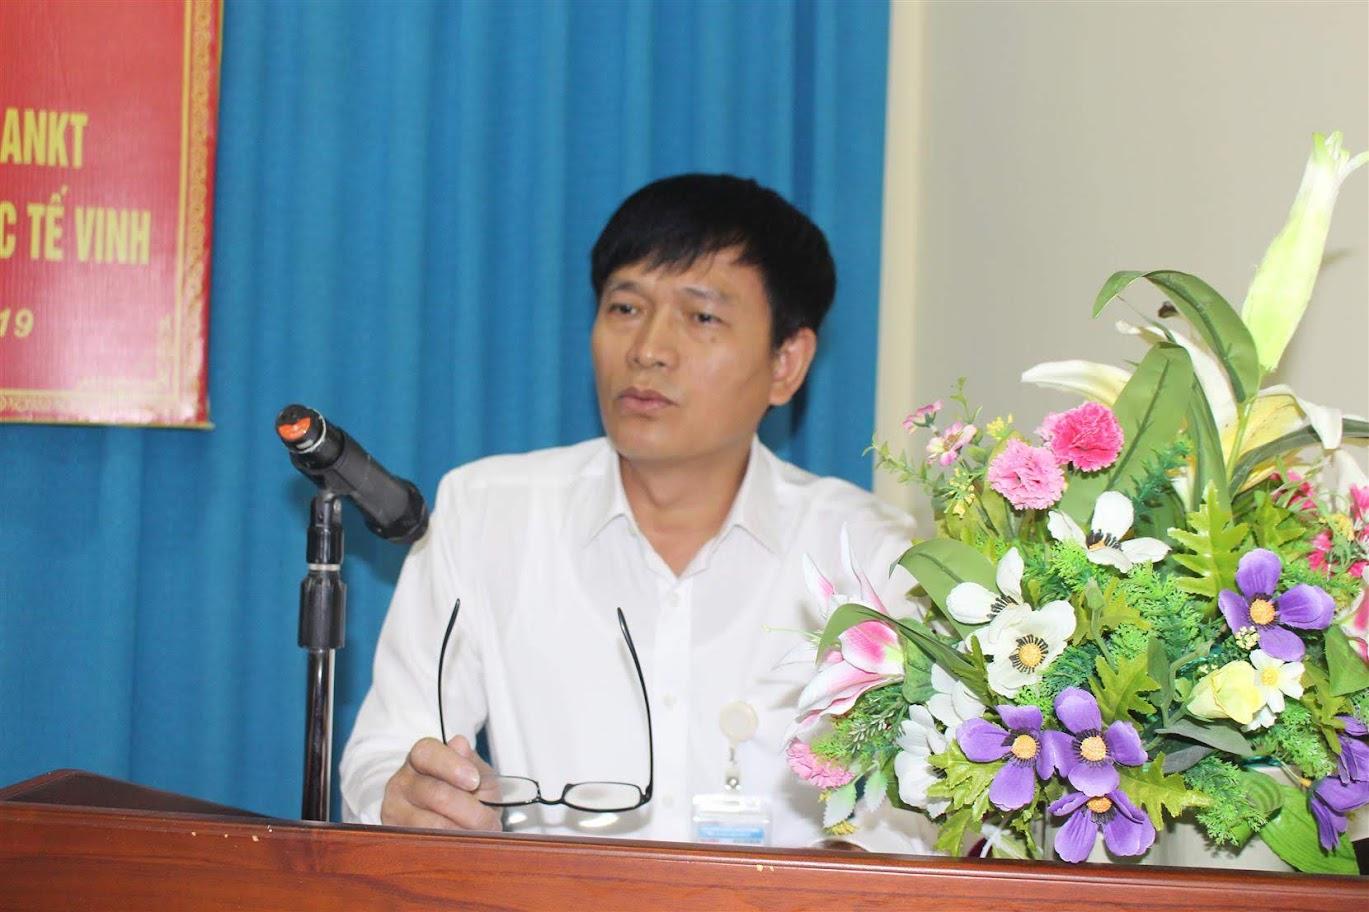 Lãnh đạo Cảng hàng không cảm ơn sự giúp đỡ của Công an tỉnh Nghệ An